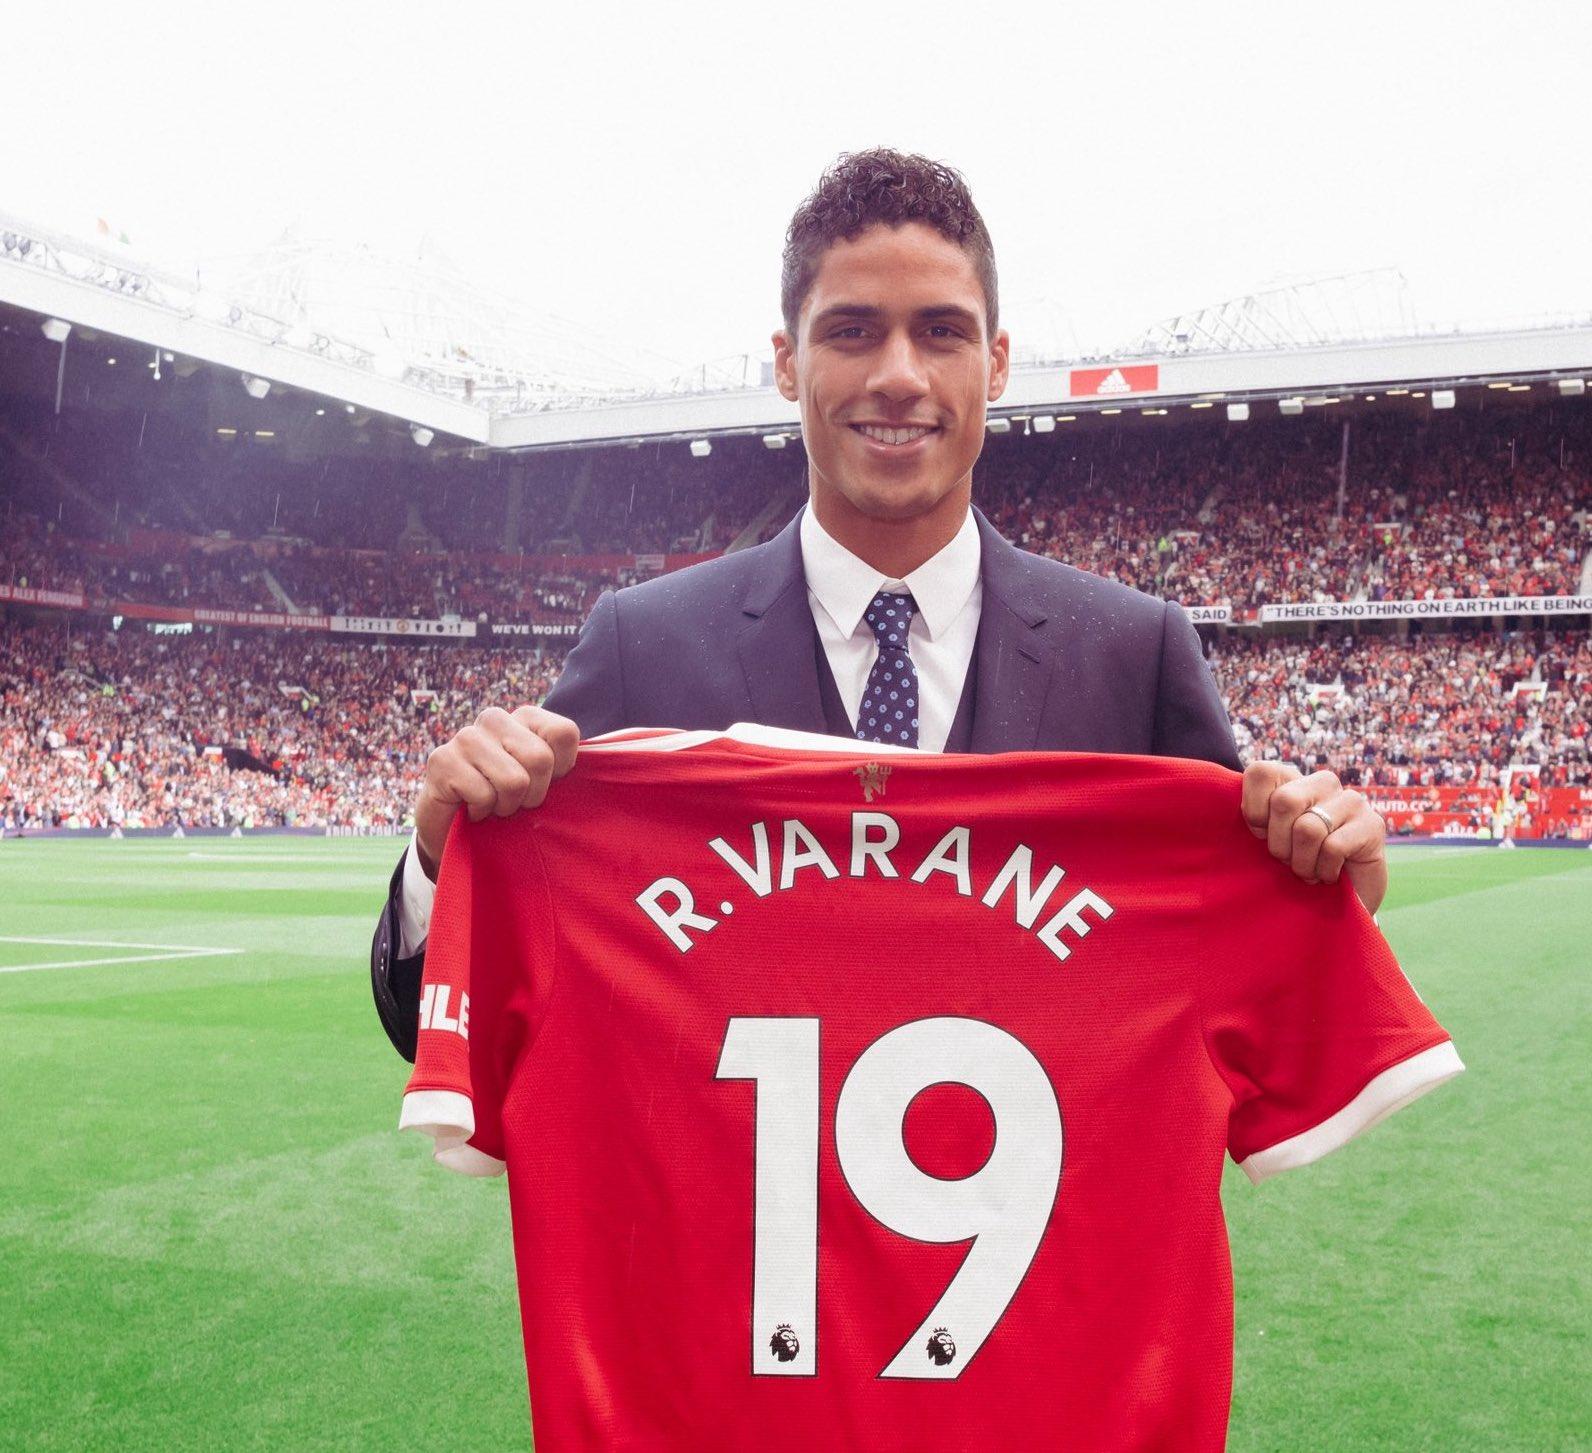 """Raphael Varane: """"La oportunidad de venir aquí y jugar en la Premier League es algo que no podía rechazar"""""""